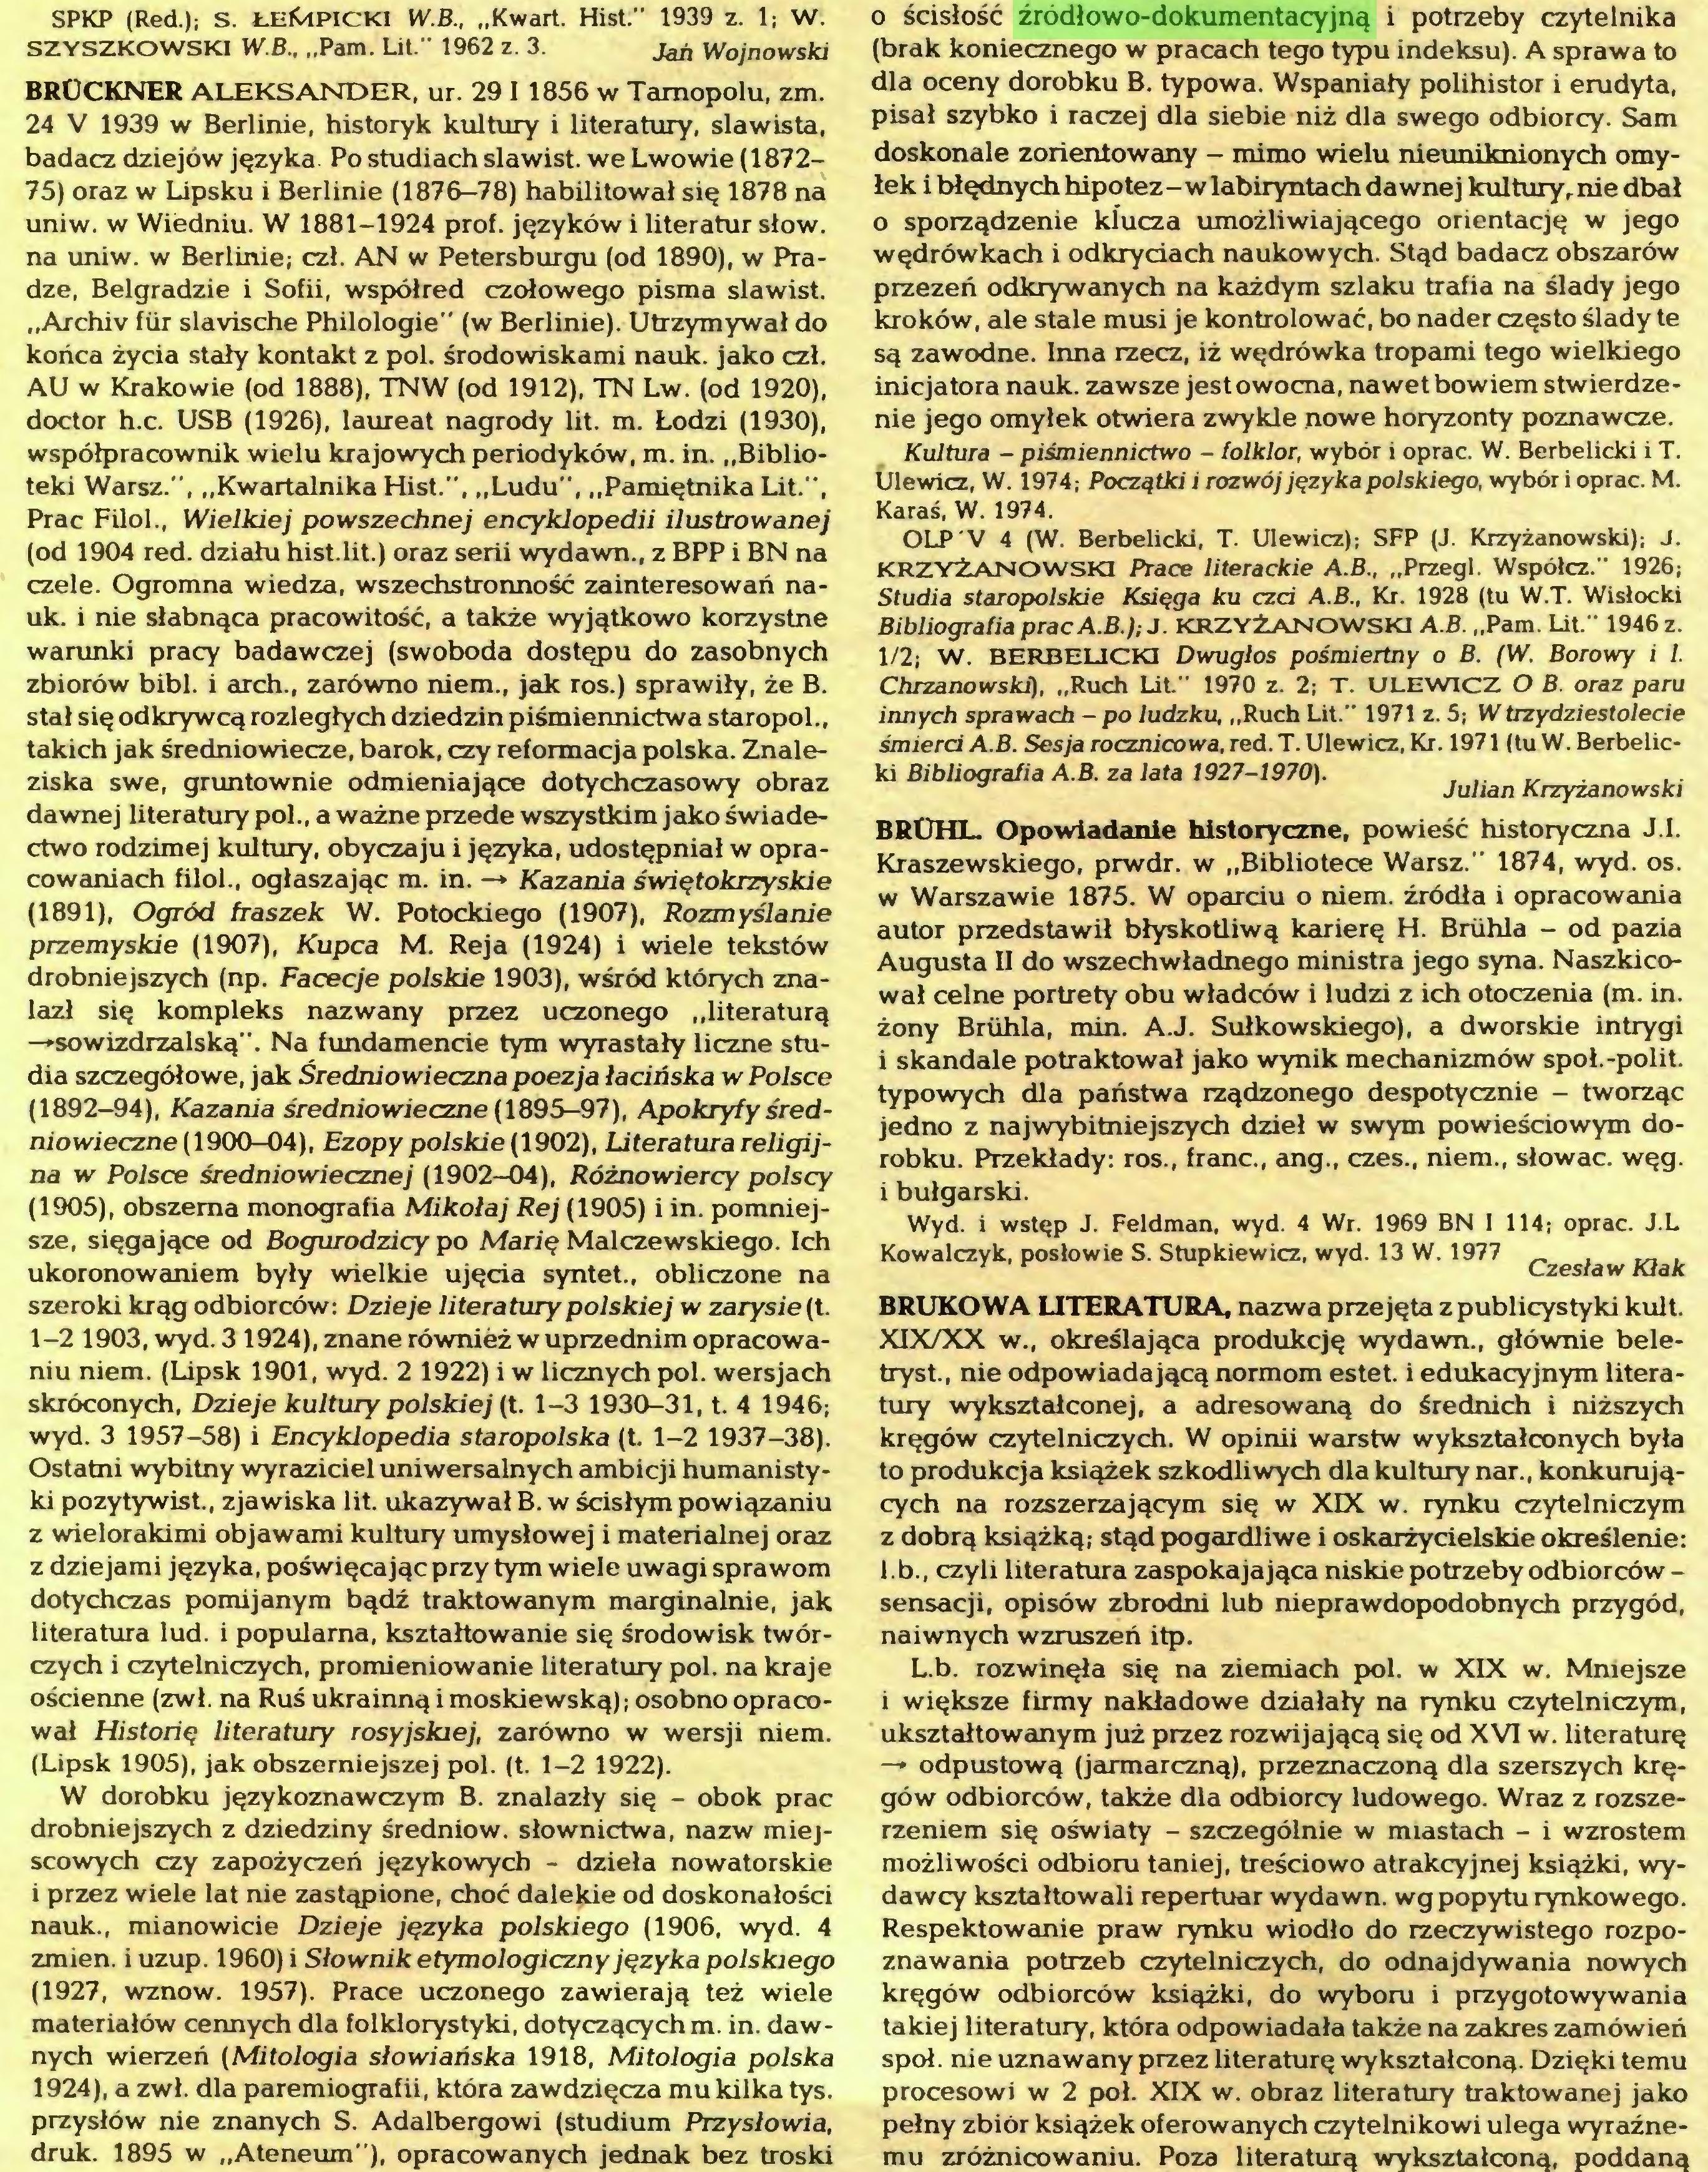 """(...) przysłów nie znanych S. Adalbergowi (studium Przysłowia, druk. 1895 w """"Ateneum""""), opracowanych jednak bez troski o ścisłość źródłowo-dokumentacyjną i potrzeby czytelnika (brak koniecznego w pracach tego typu indeksu). A sprawa to dla oceny dorobku B. typowa. Wspaniały polihistor i erudyta, pisał szybko i raczej dla siebie niż dla swego odbiorcy. Sam..."""